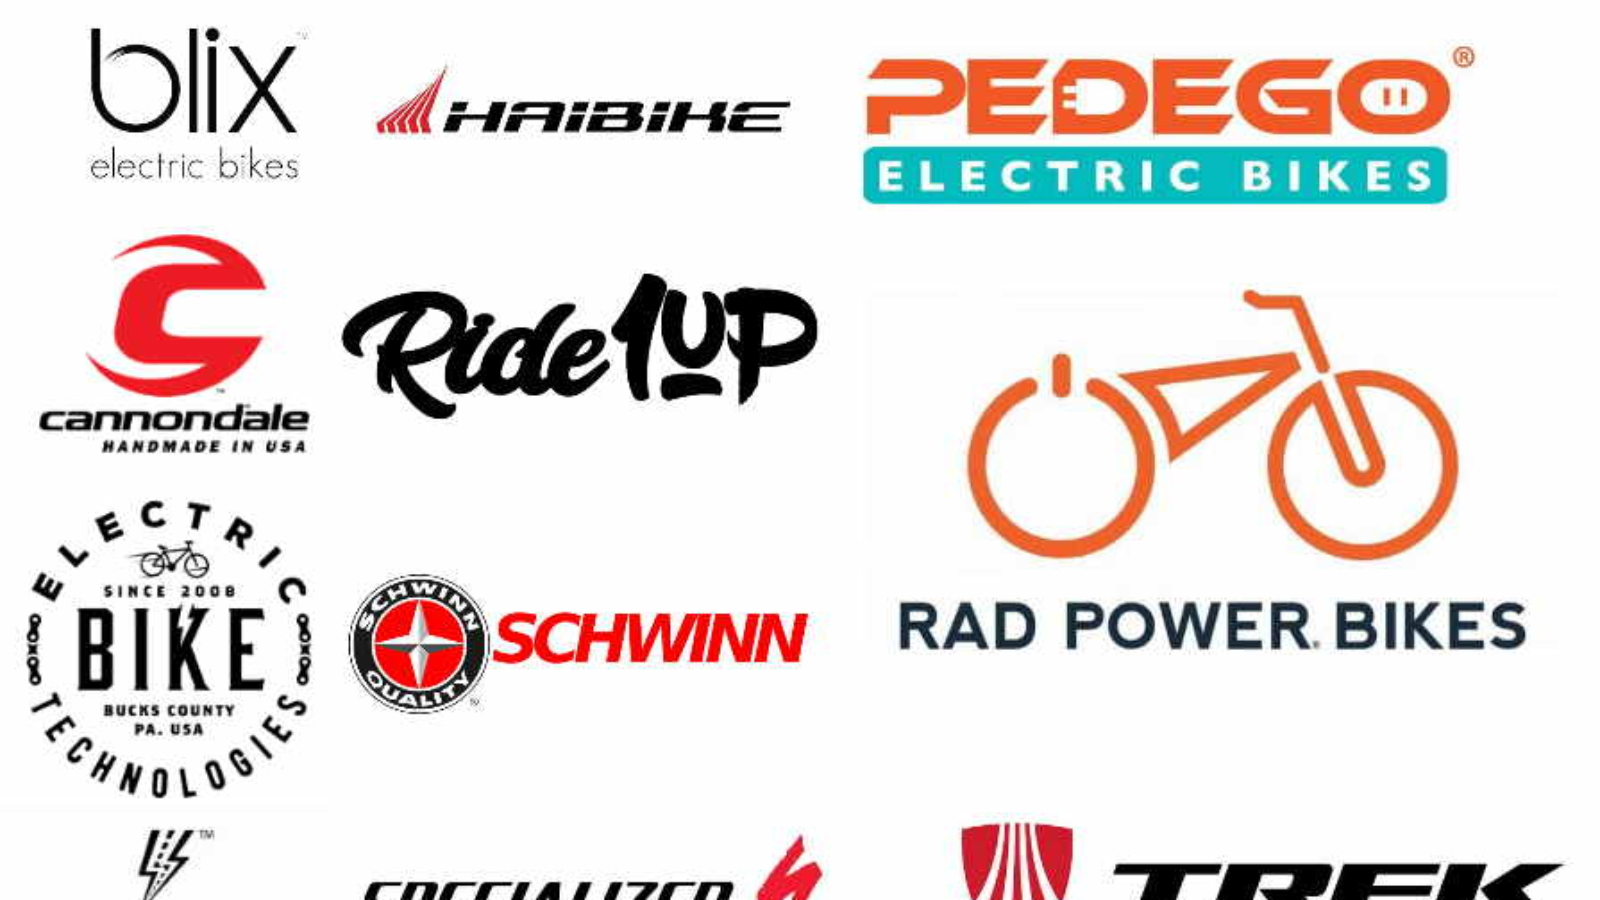 برندهای معروف تولید کننده دوچرخه برقی در آمریکا